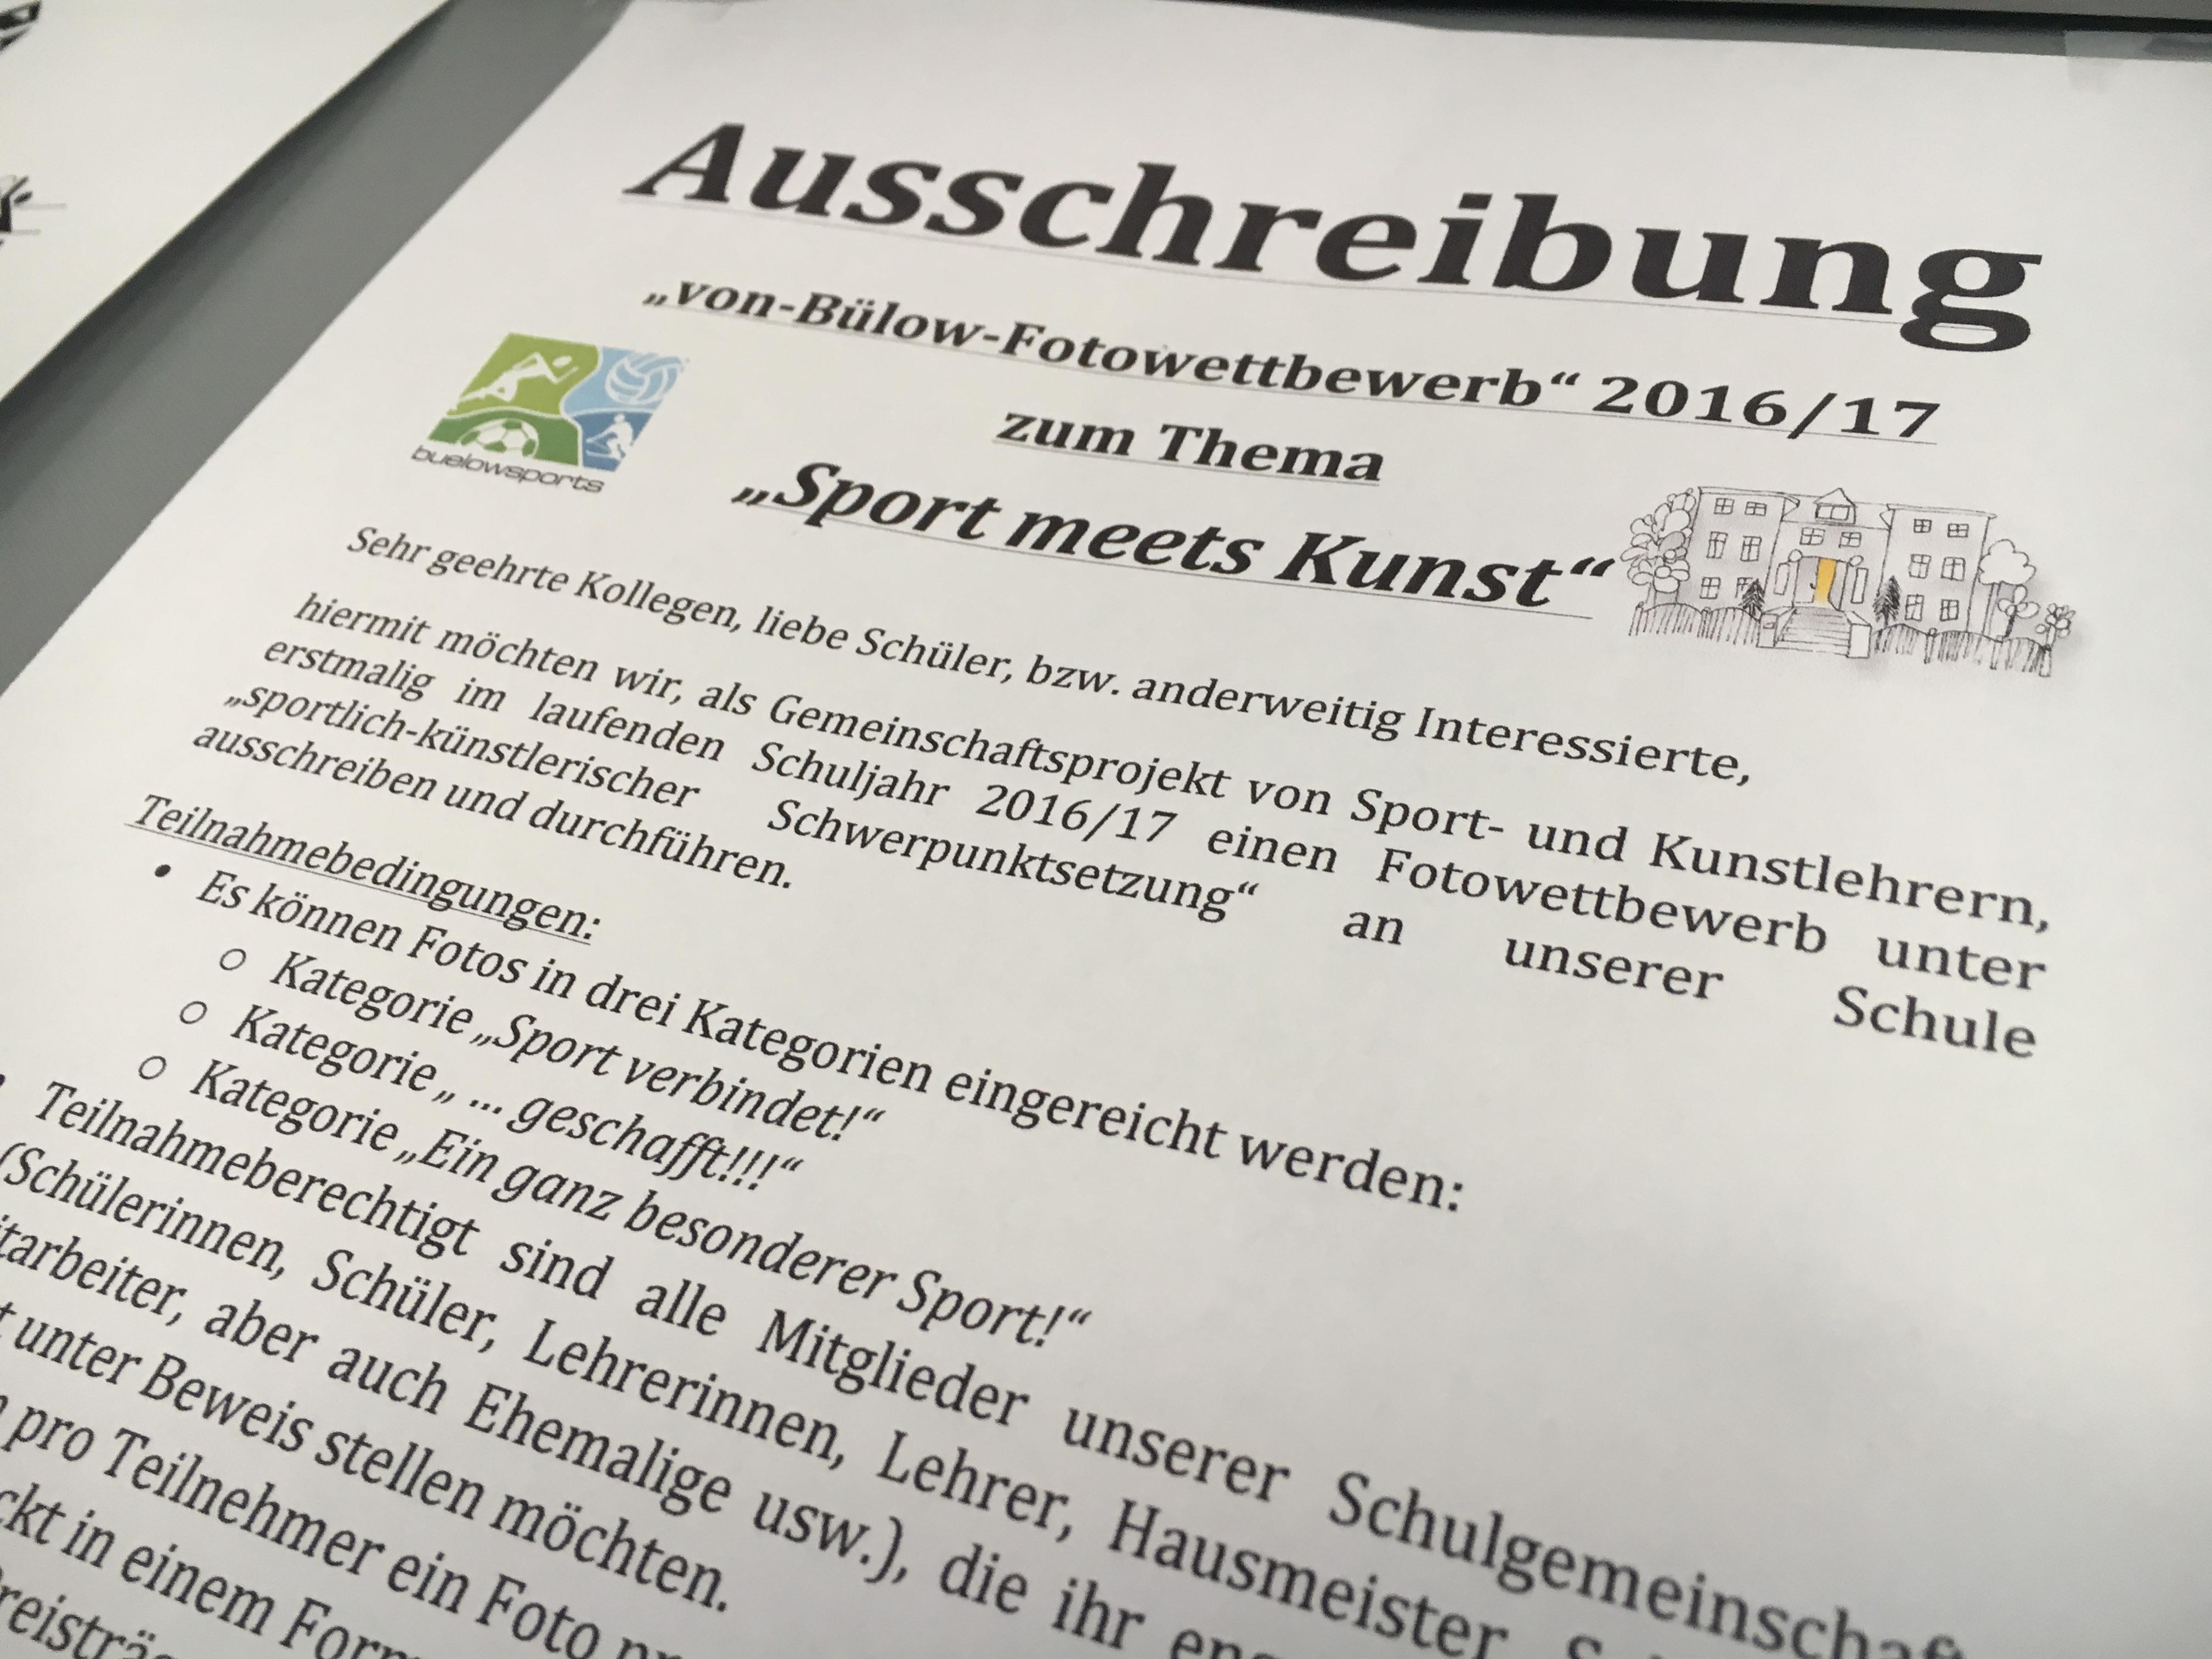 """1. von-Bülow-Fotowettbewerb """"Sport meets Kunst"""""""